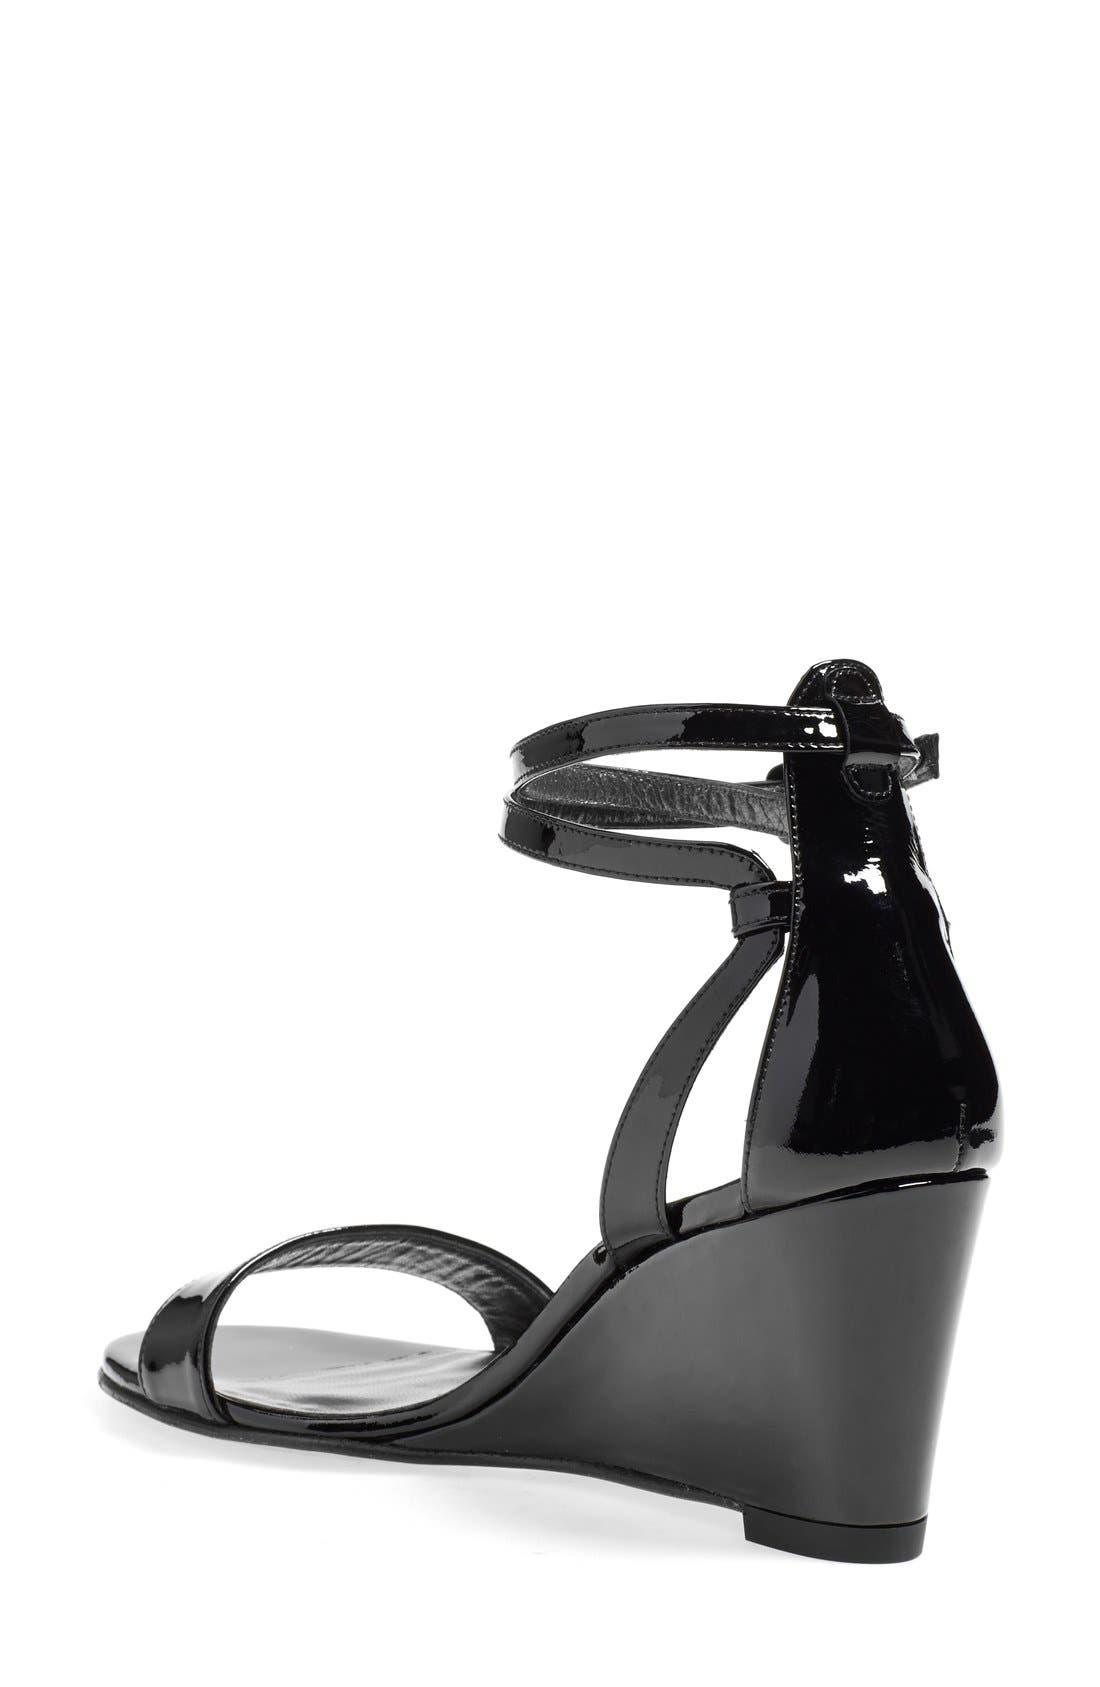 'Backdraft' Ankle Strap Wedge Sandal,                             Alternate thumbnail 2, color,                             002